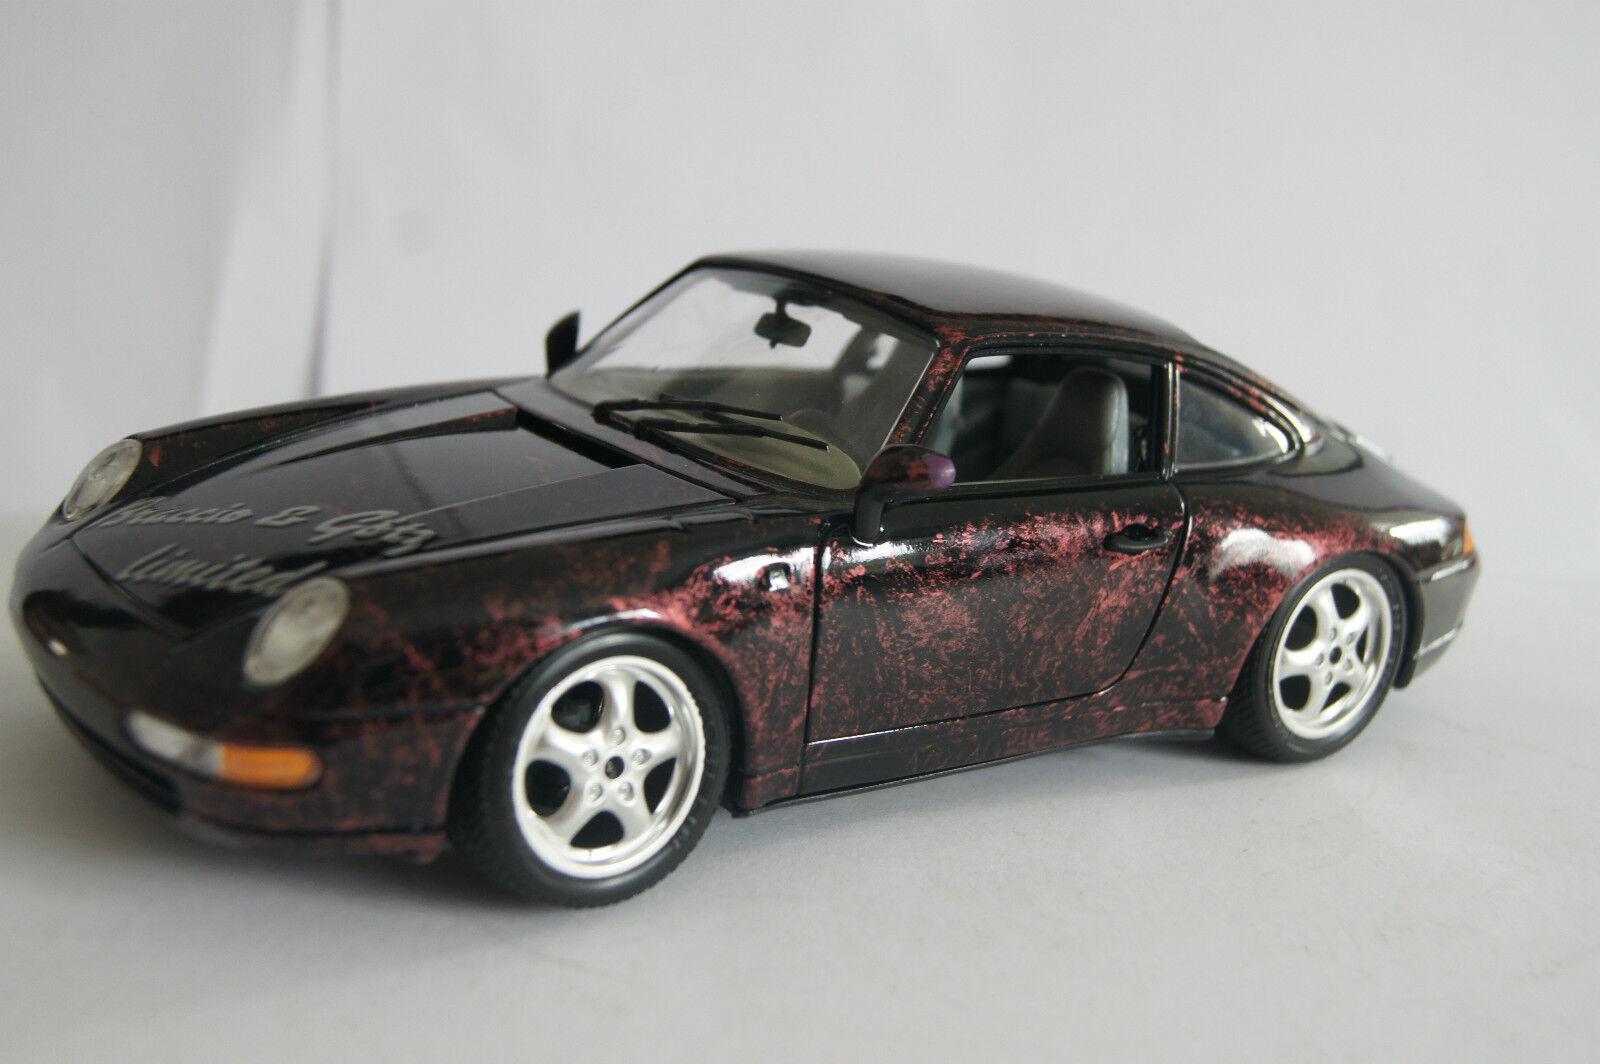 Modellauto 1 18 Porsche 911 S Studie rot limited Braccio & Götz in OVP